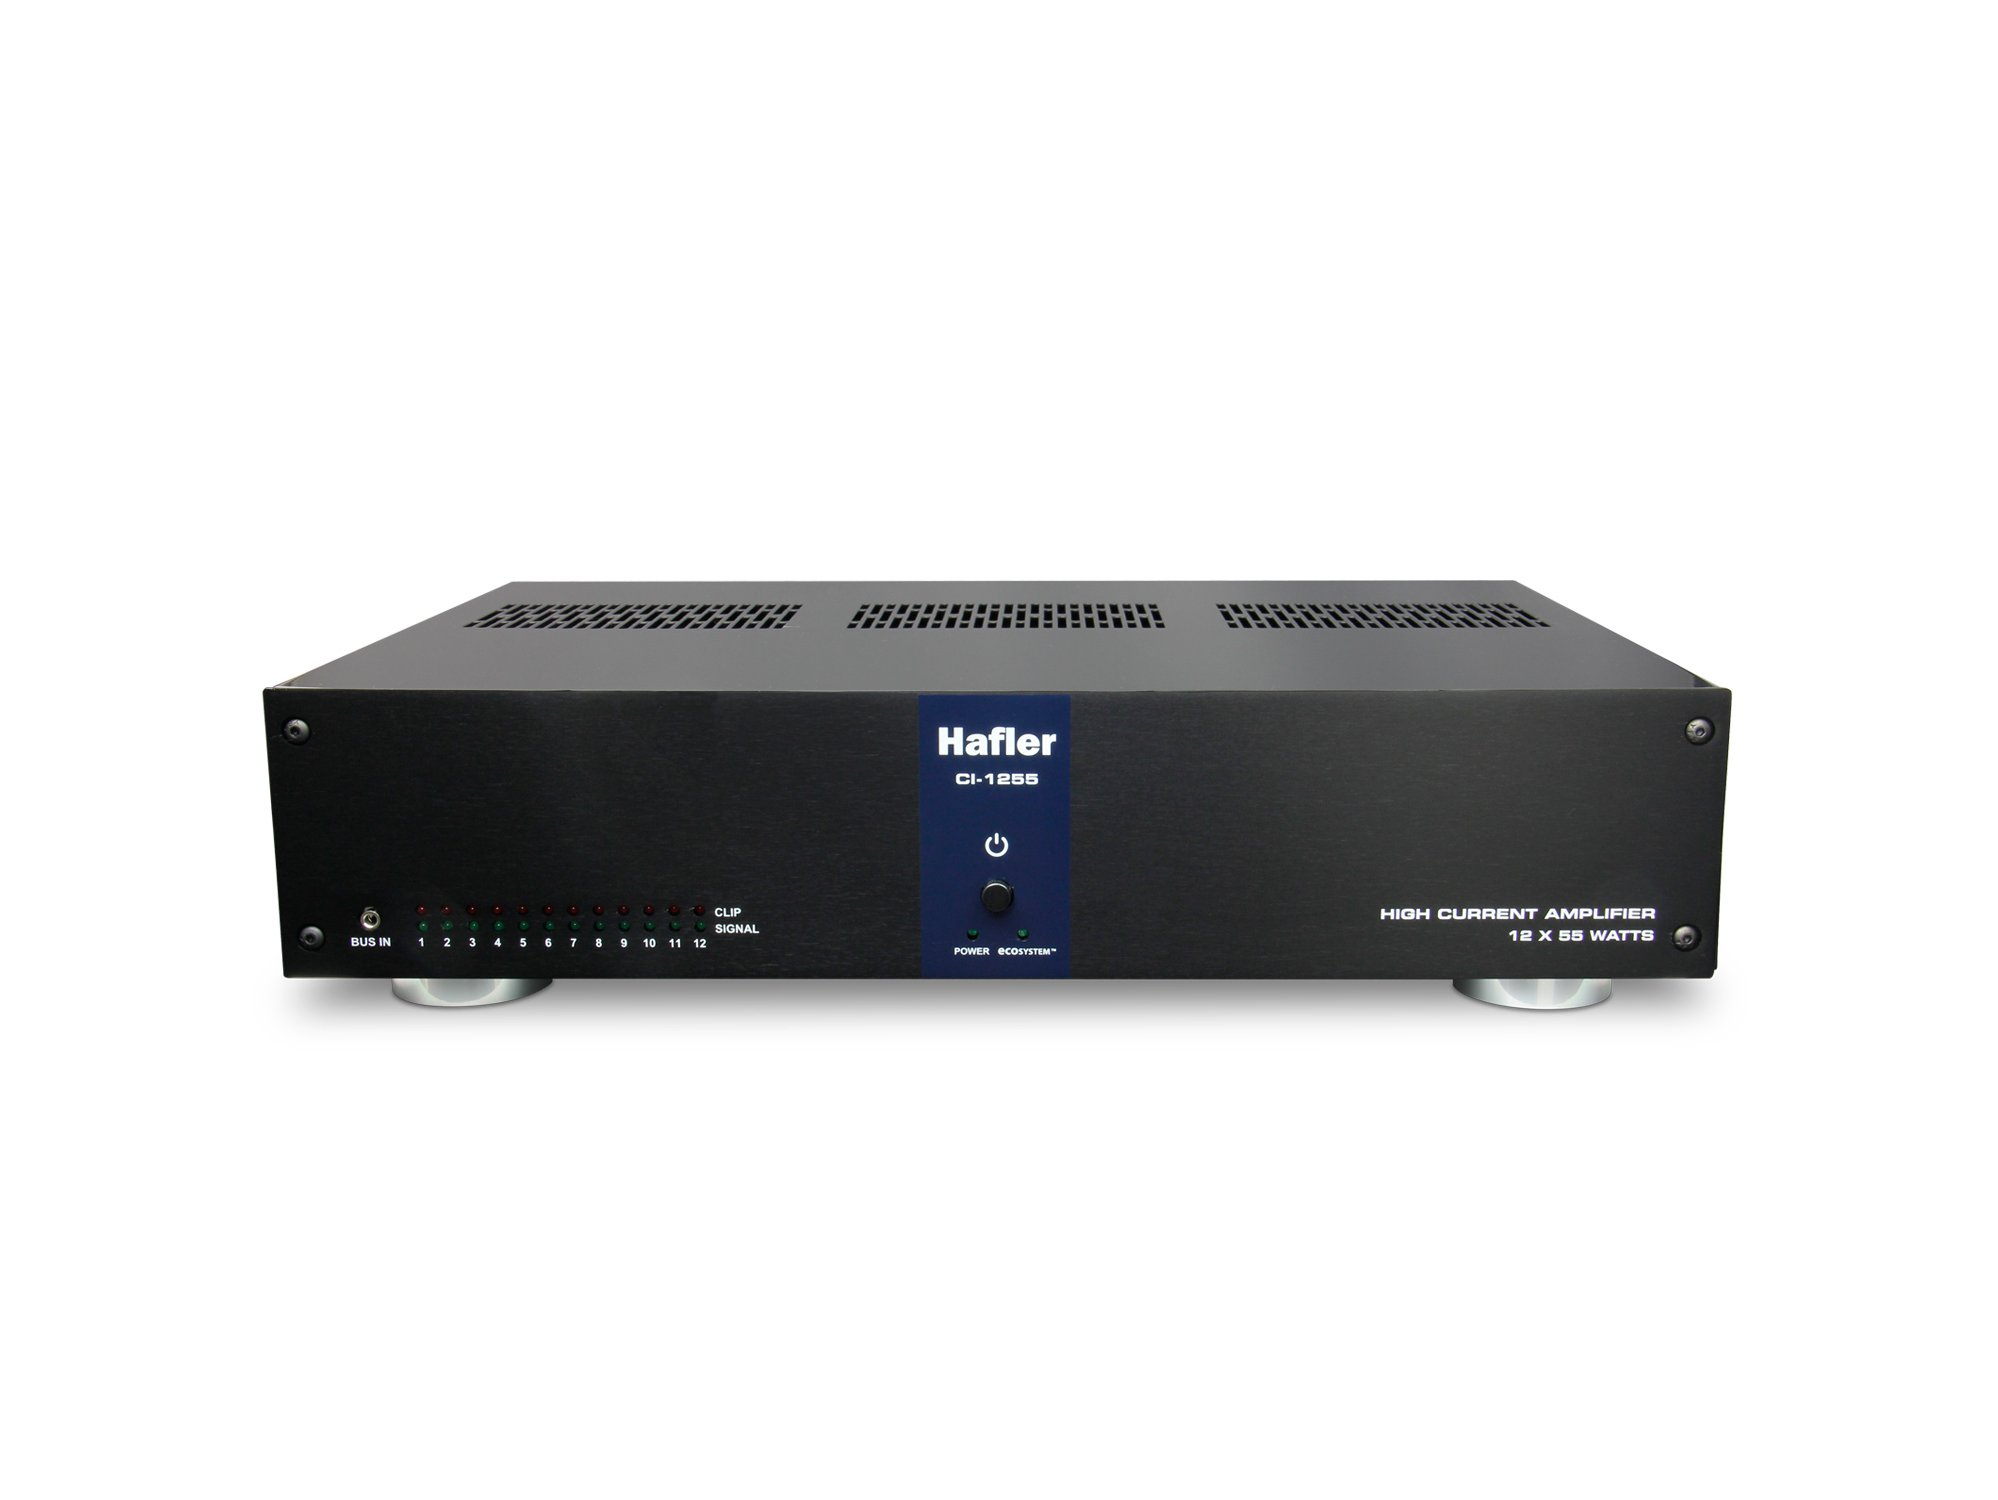 Hafler CI-1255e 55W, 12-Channel Multi-Zone Power Amplifier CI-1255E